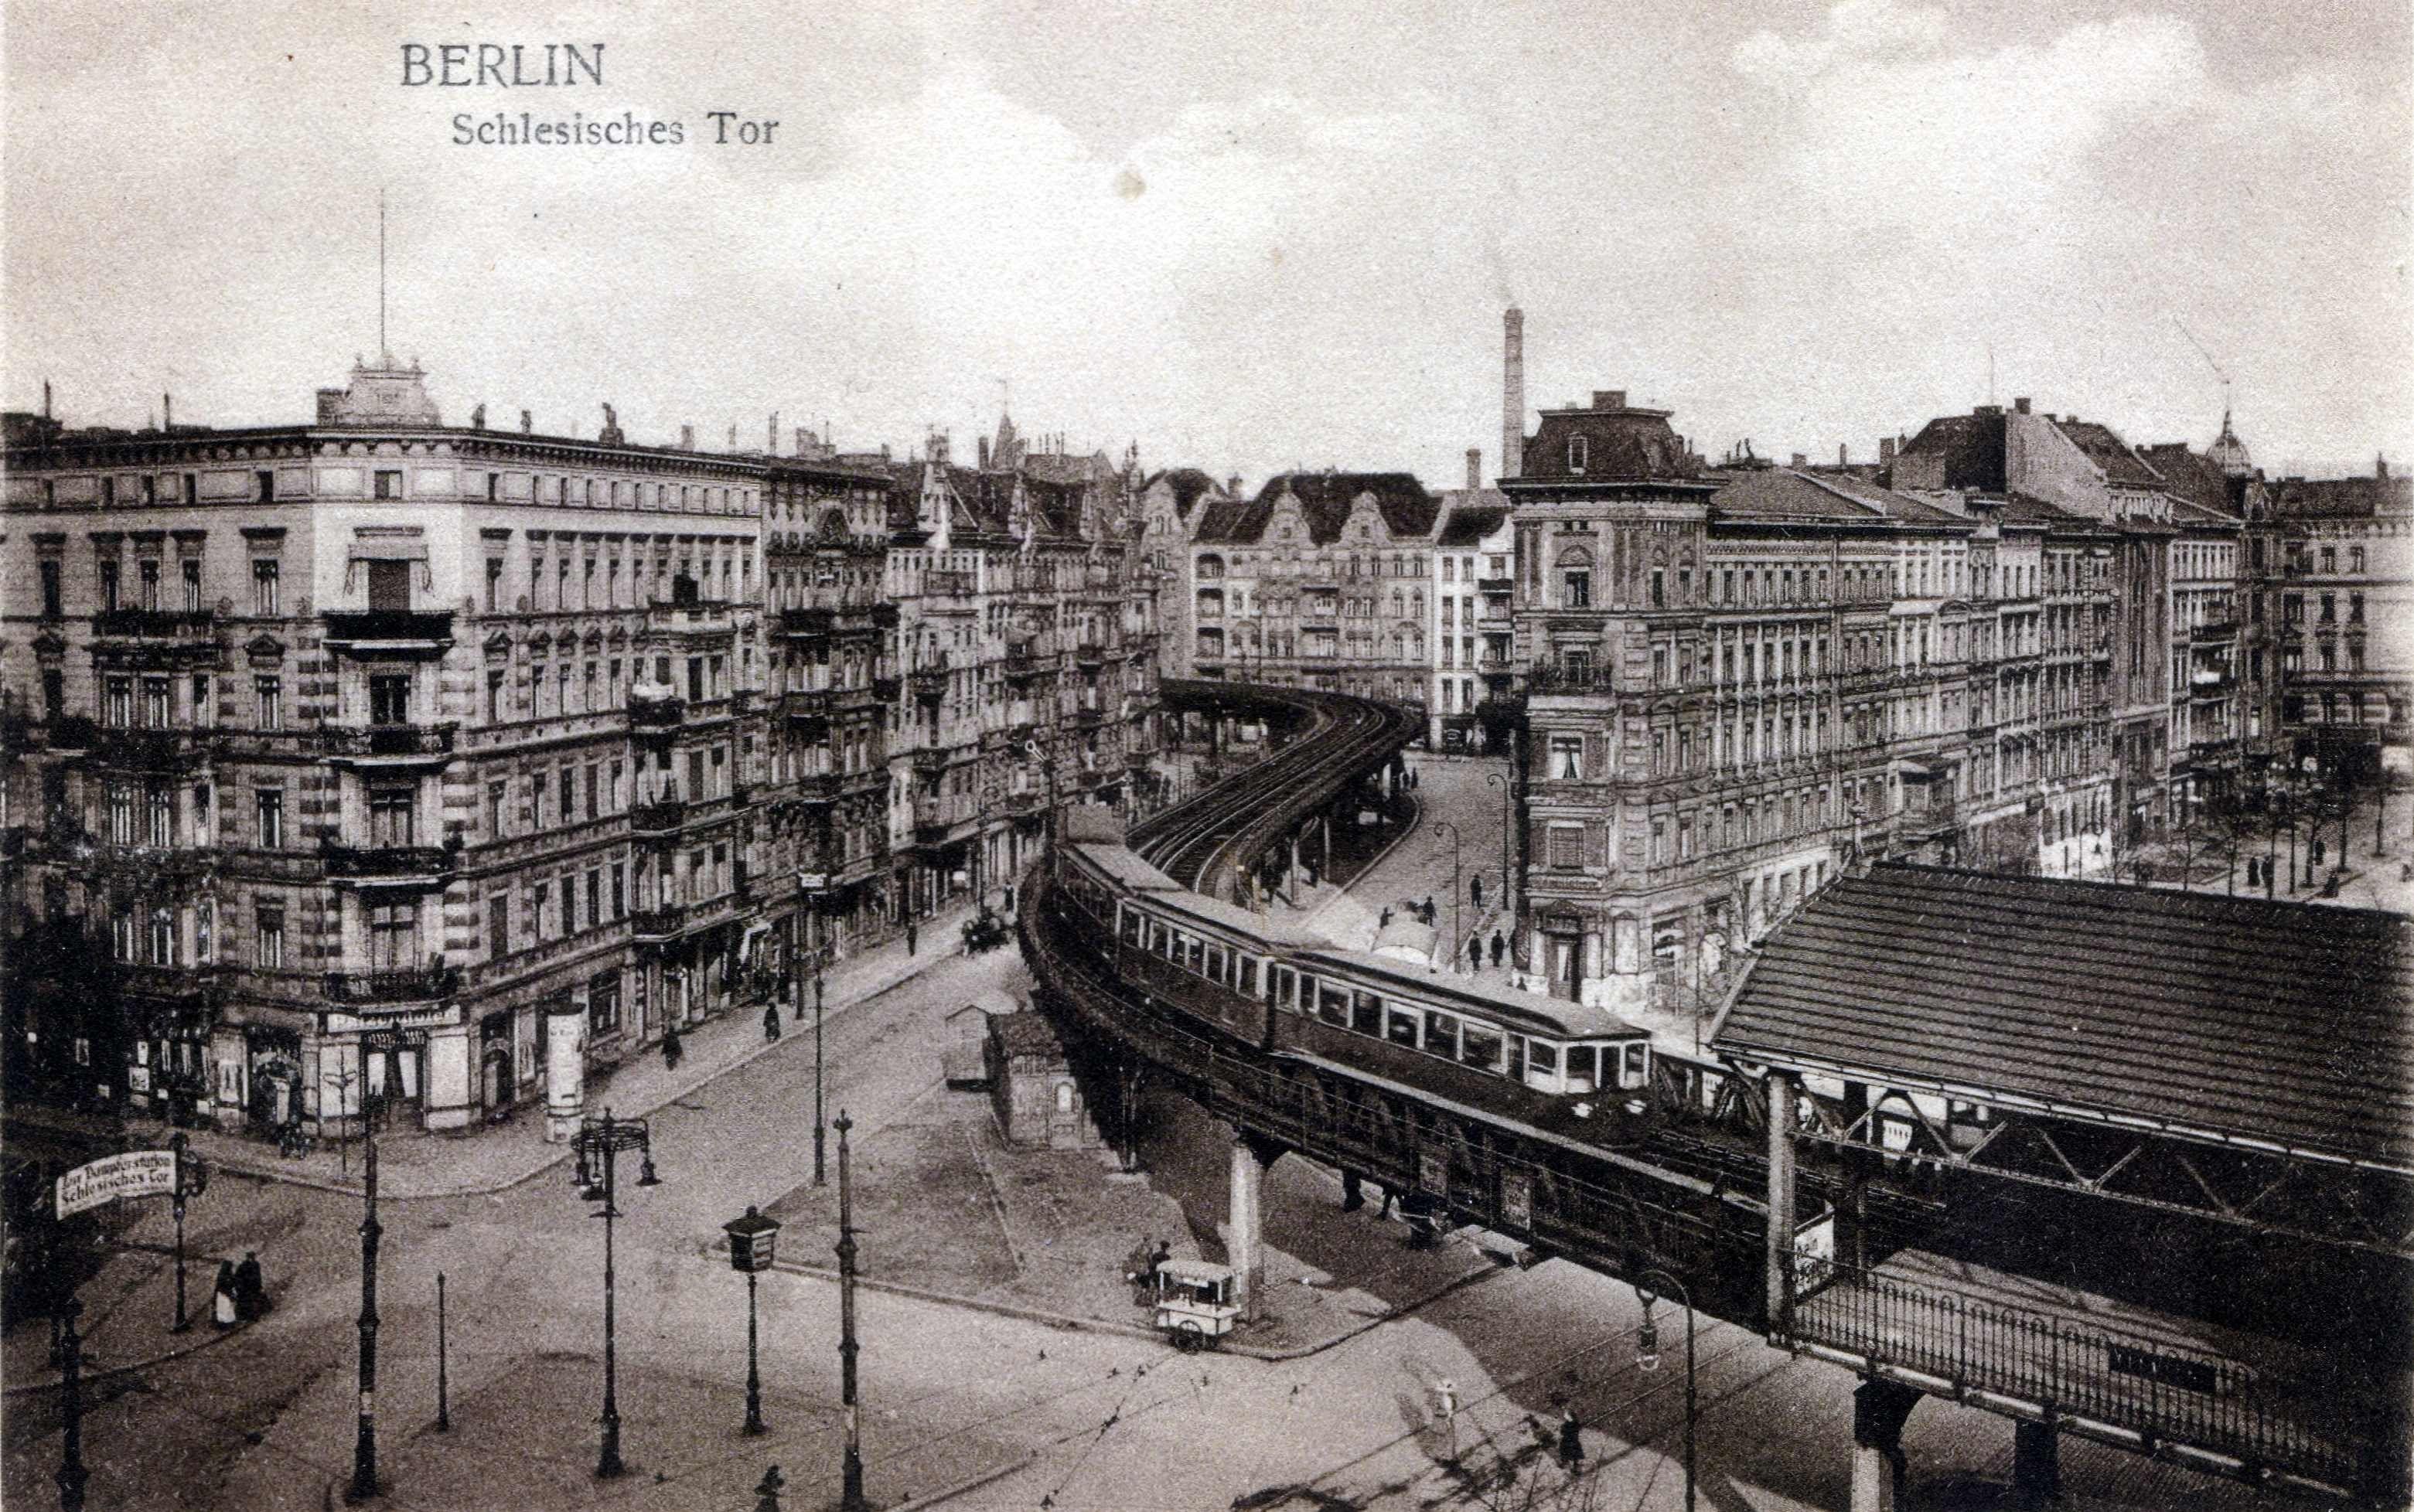 Elegant Explore Berlin Berlin Germany and more U Bahn Schlesisches